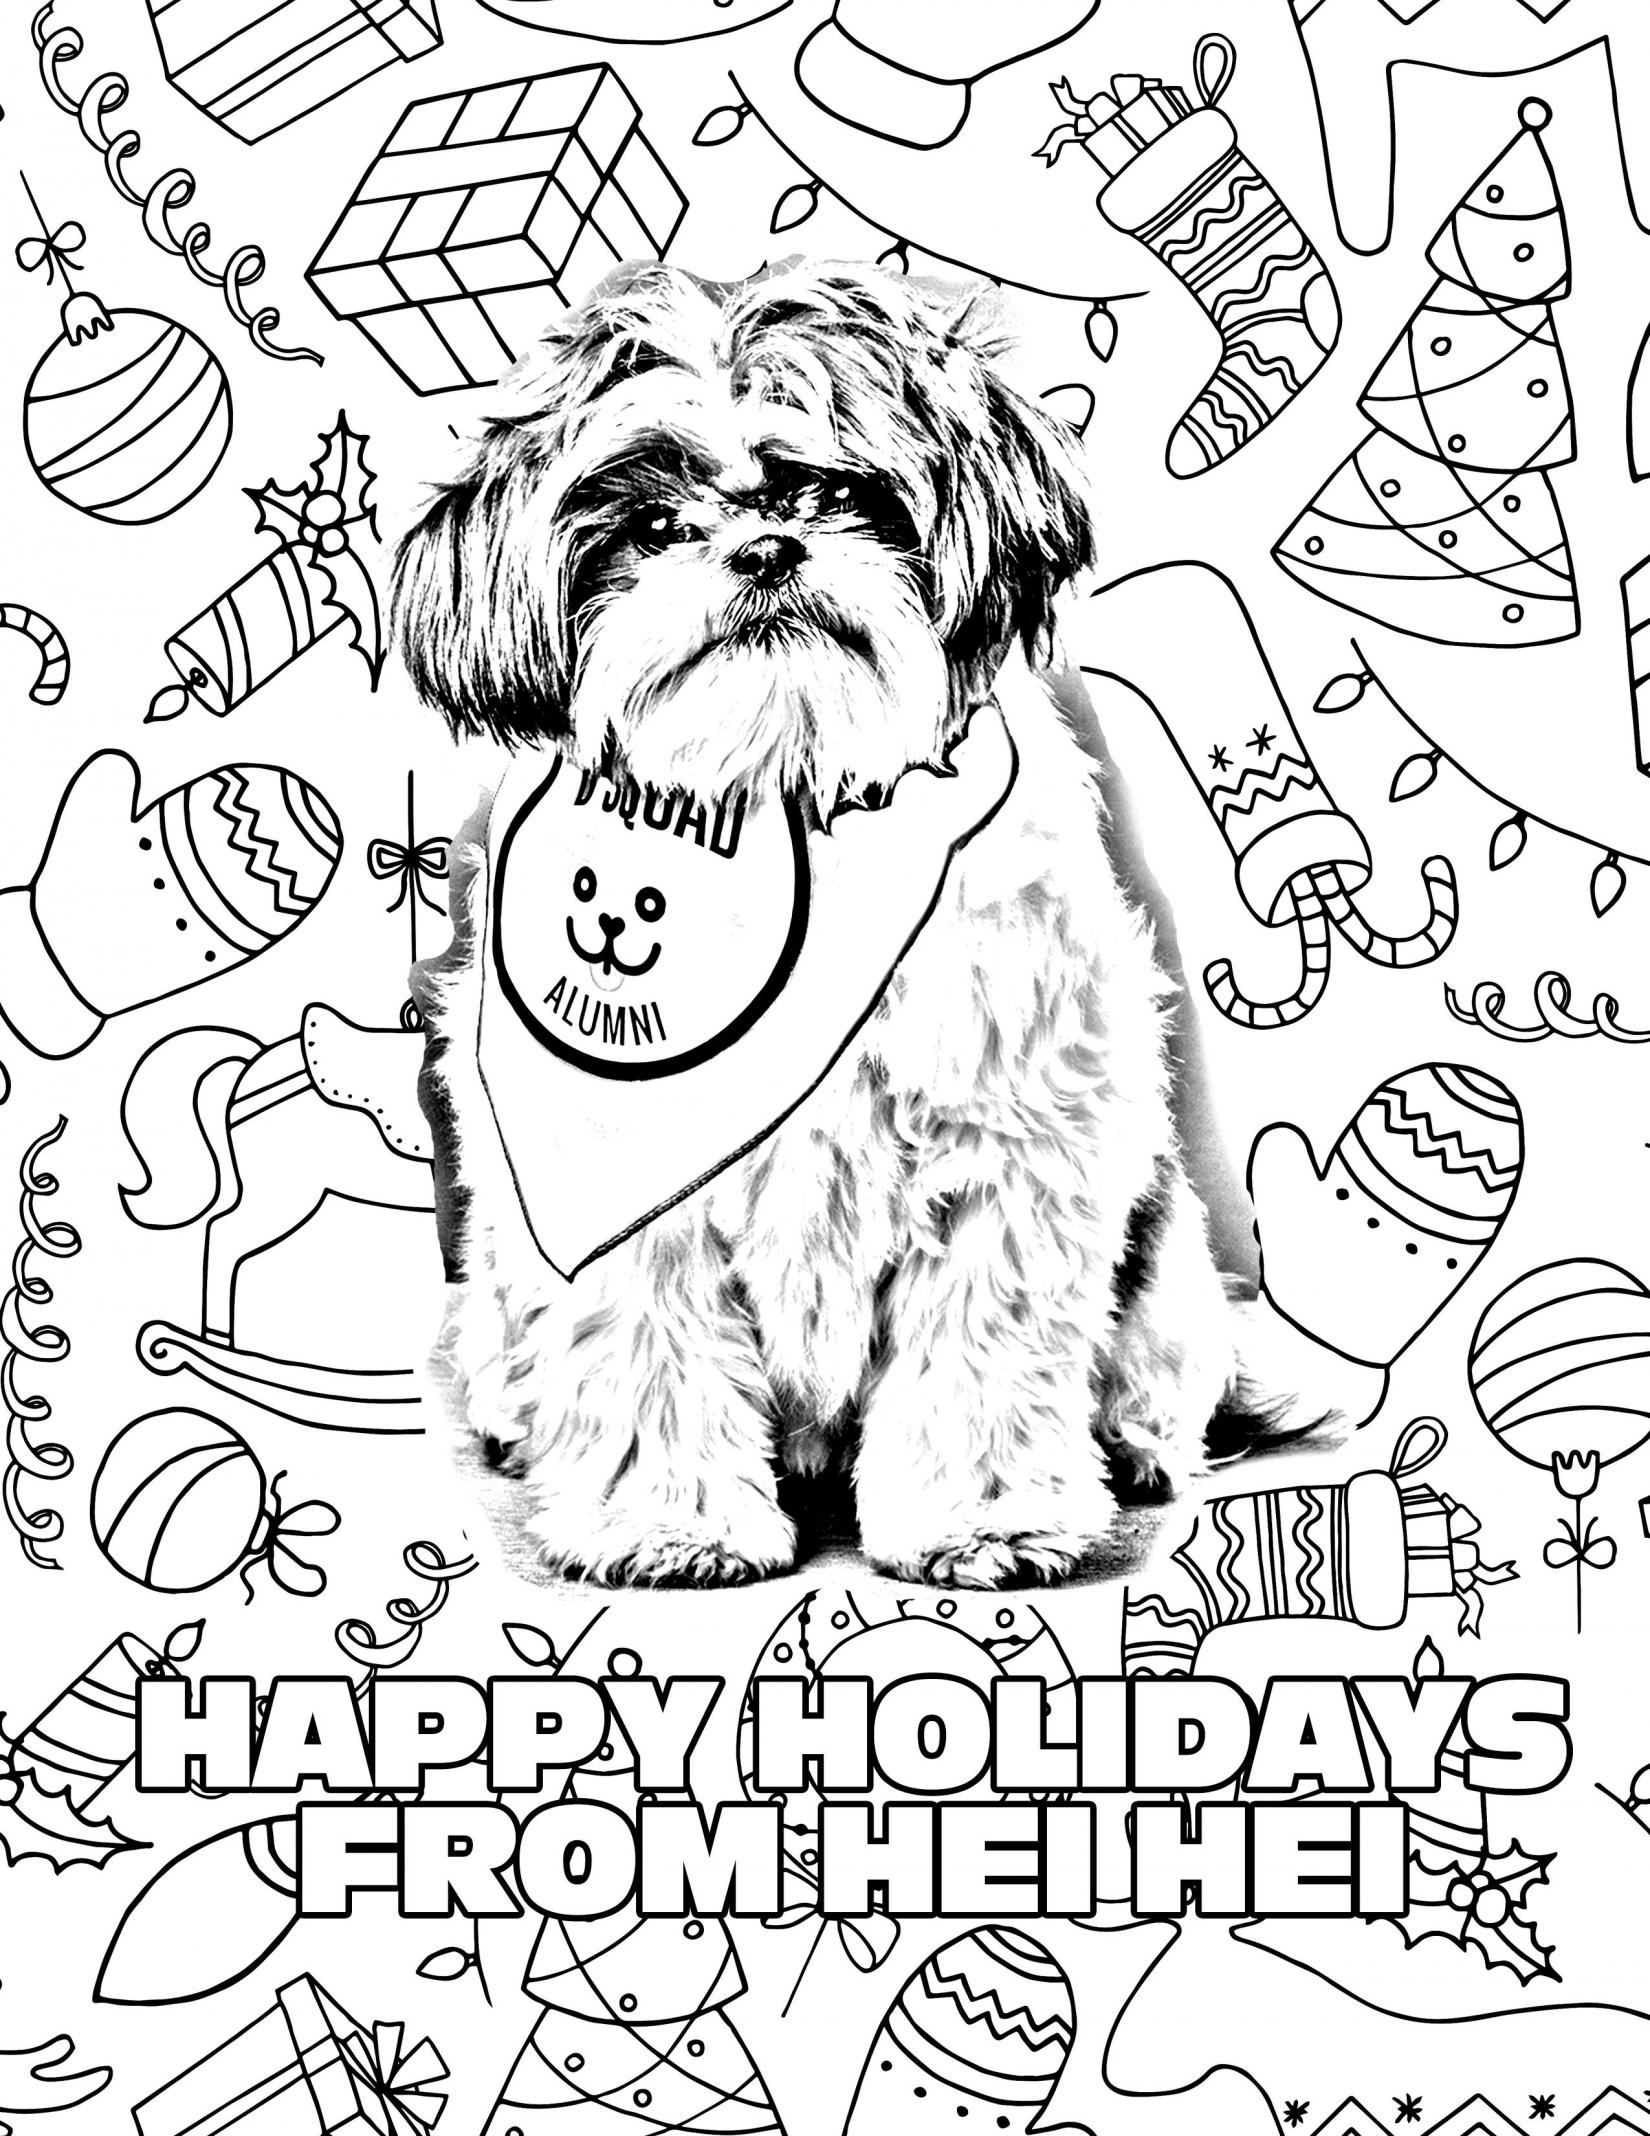 Happy Holidays from Hei Hei! Media